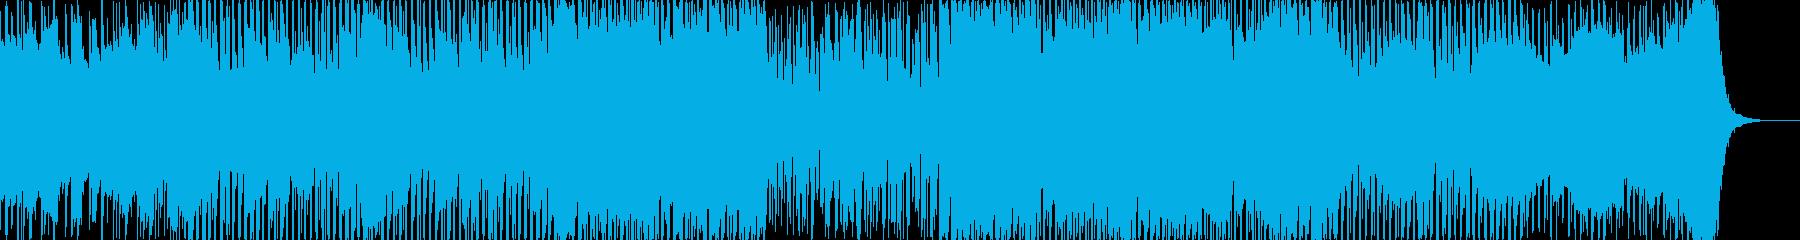 ロック アクション 静か クール ...の再生済みの波形